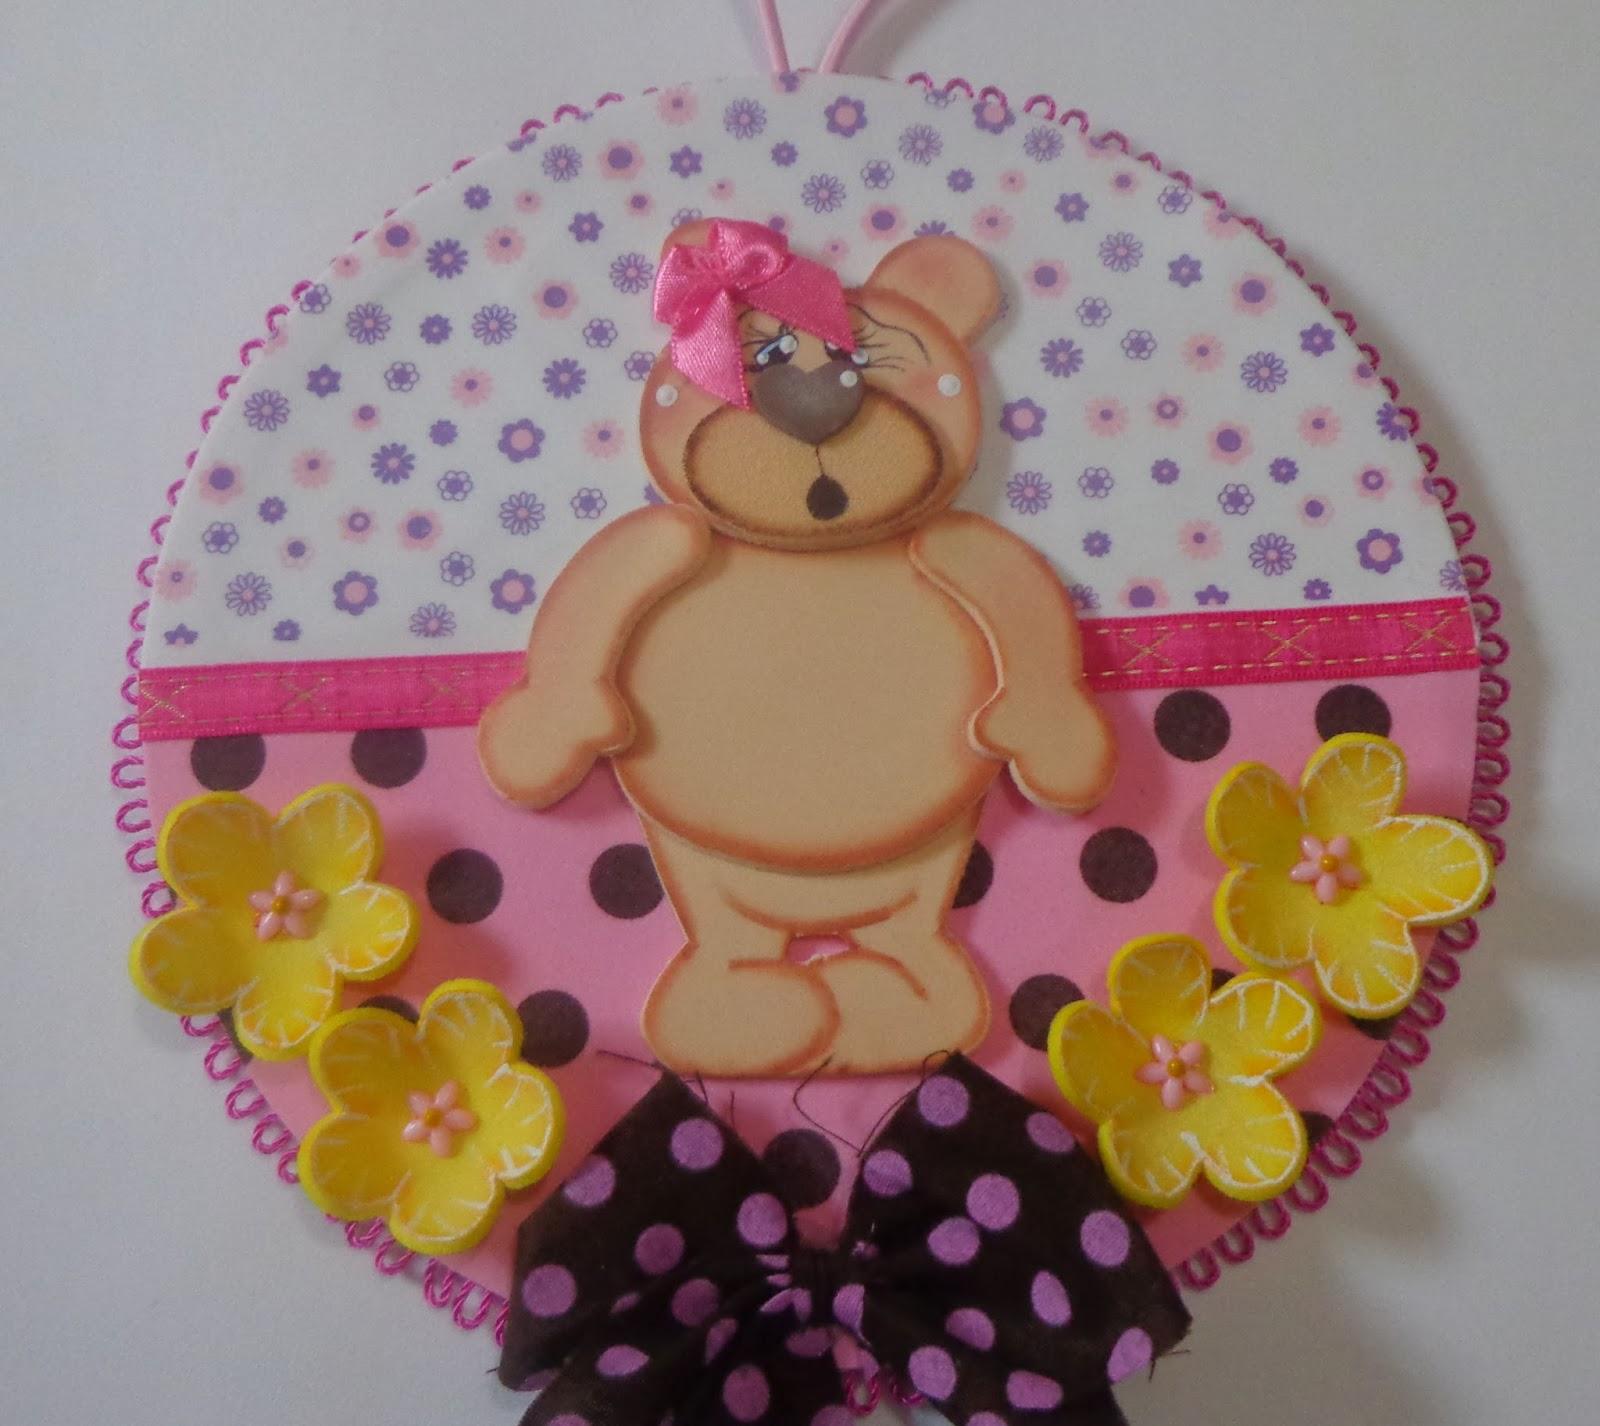 decoracao de banheiro infantil feminino – Doitricom -> Decoracao Banheiro Educacao Infantil